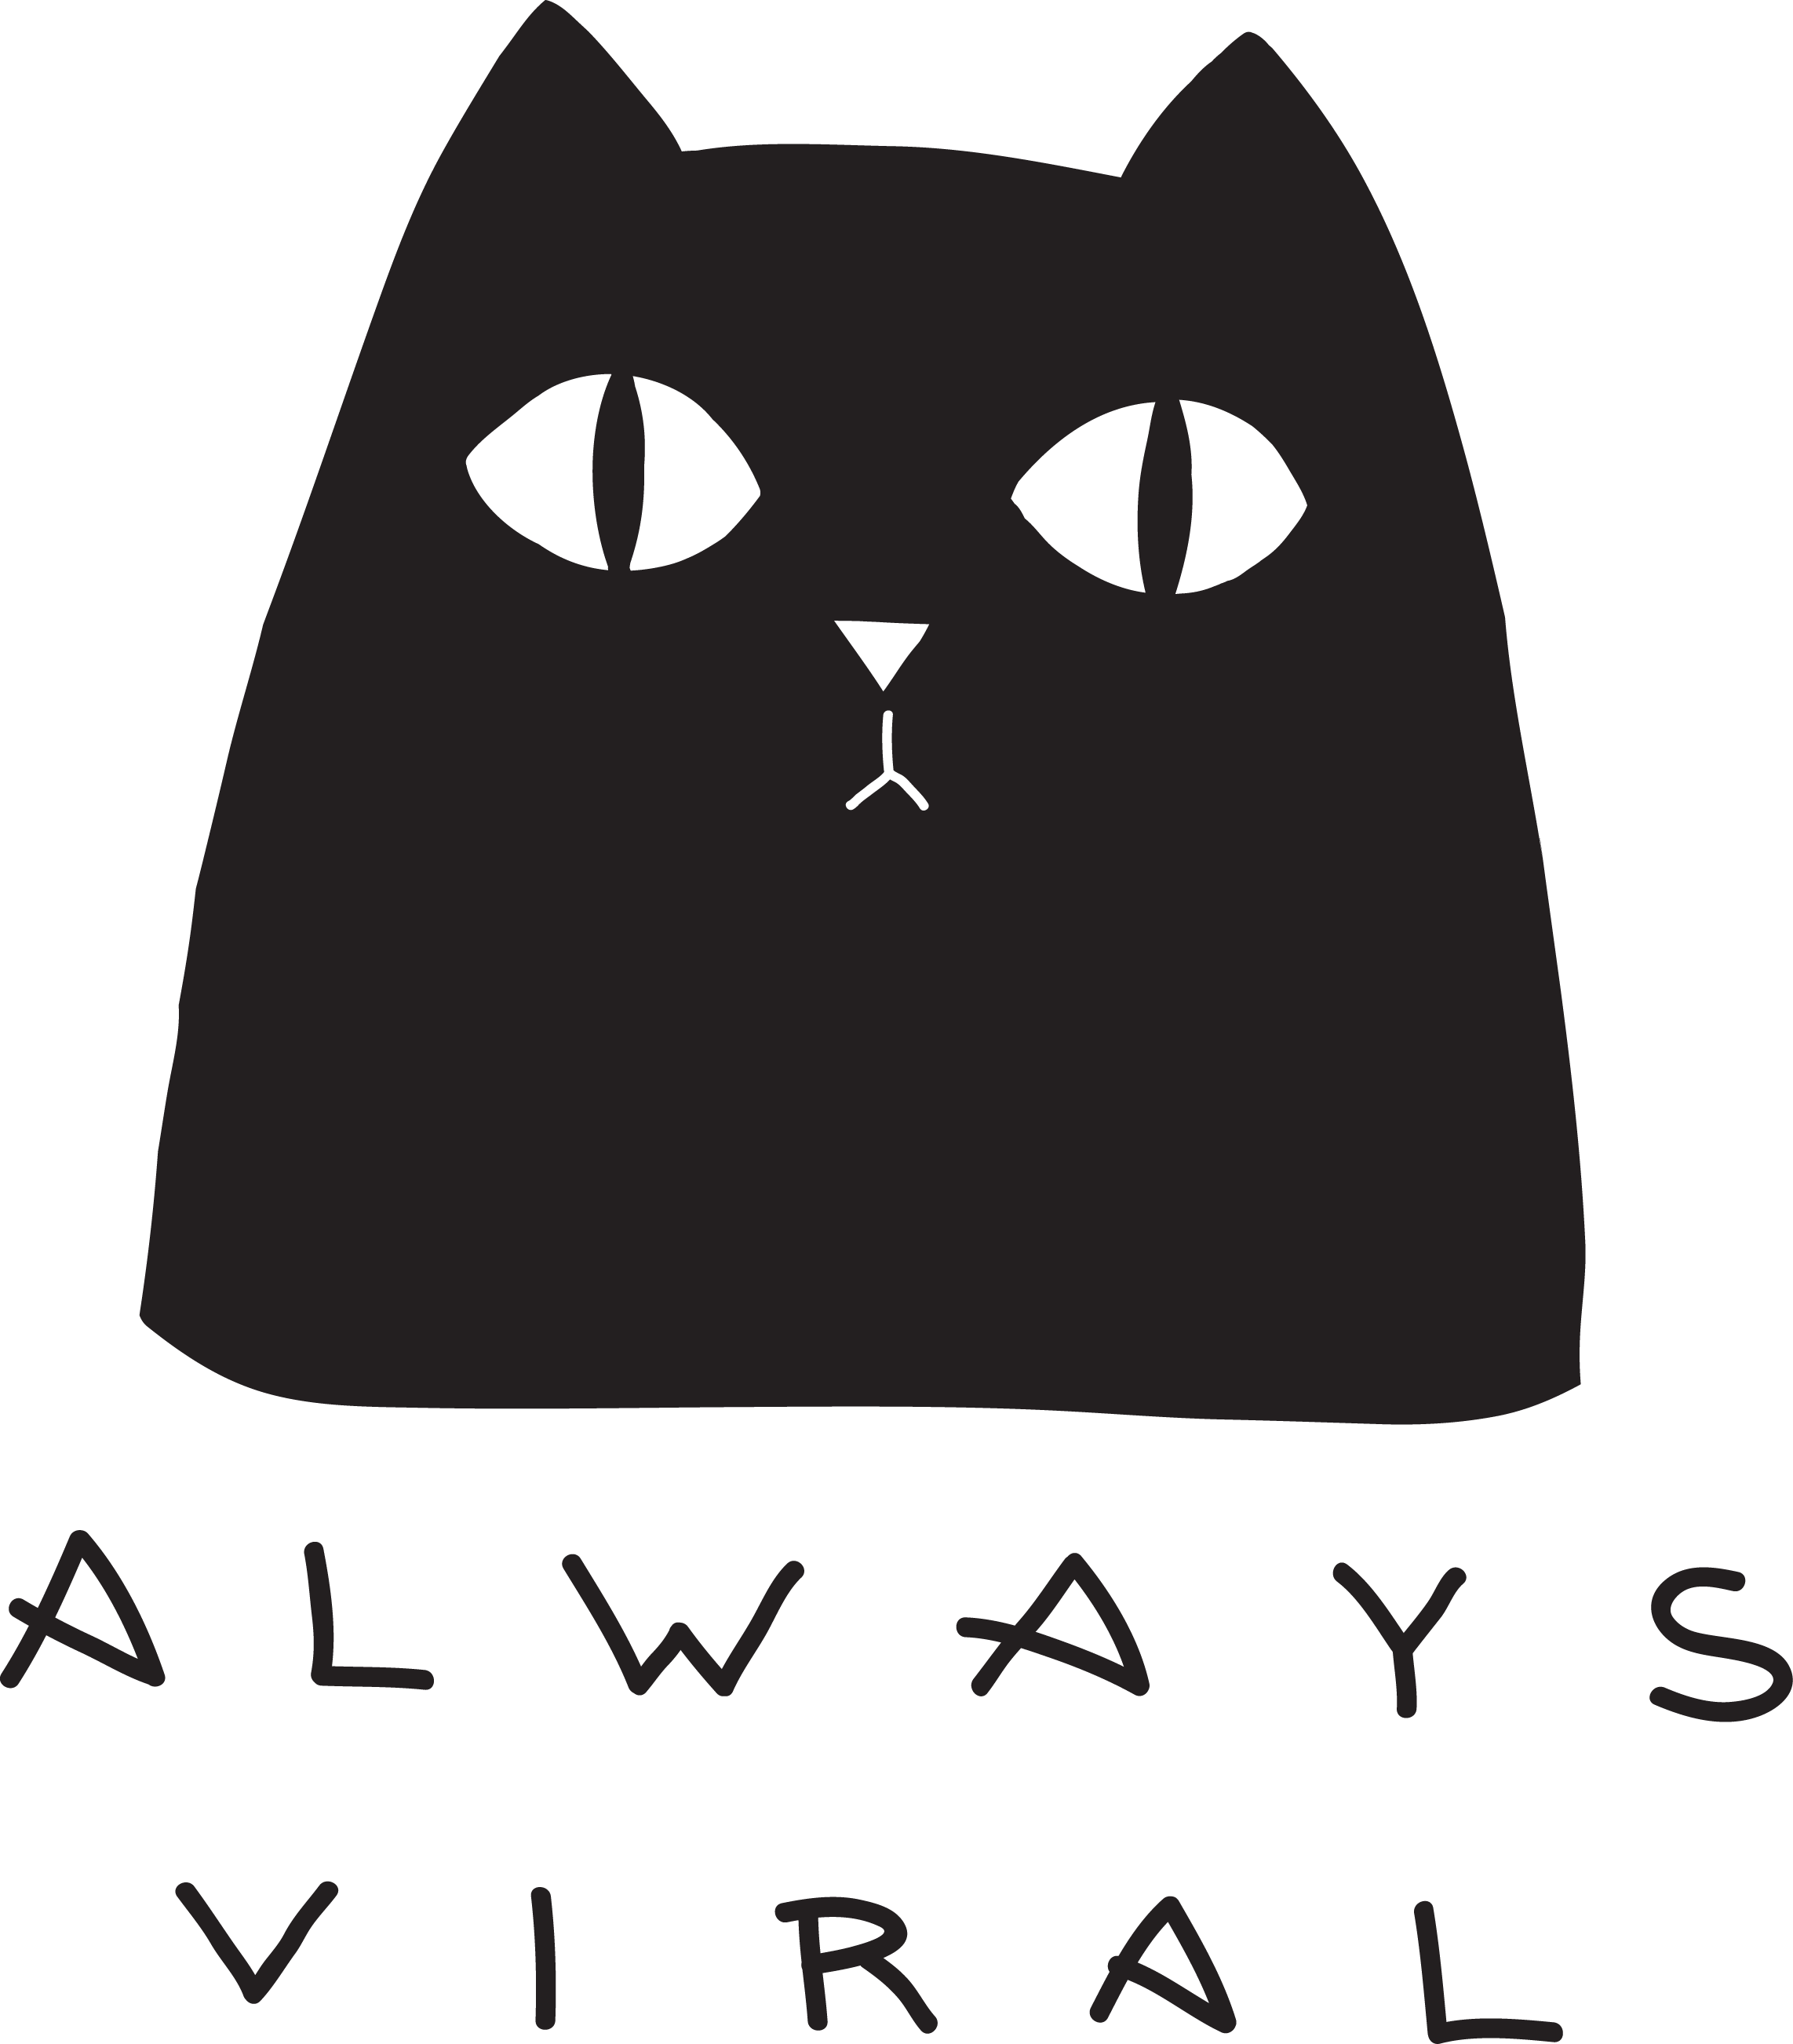 Alwaysviralffront